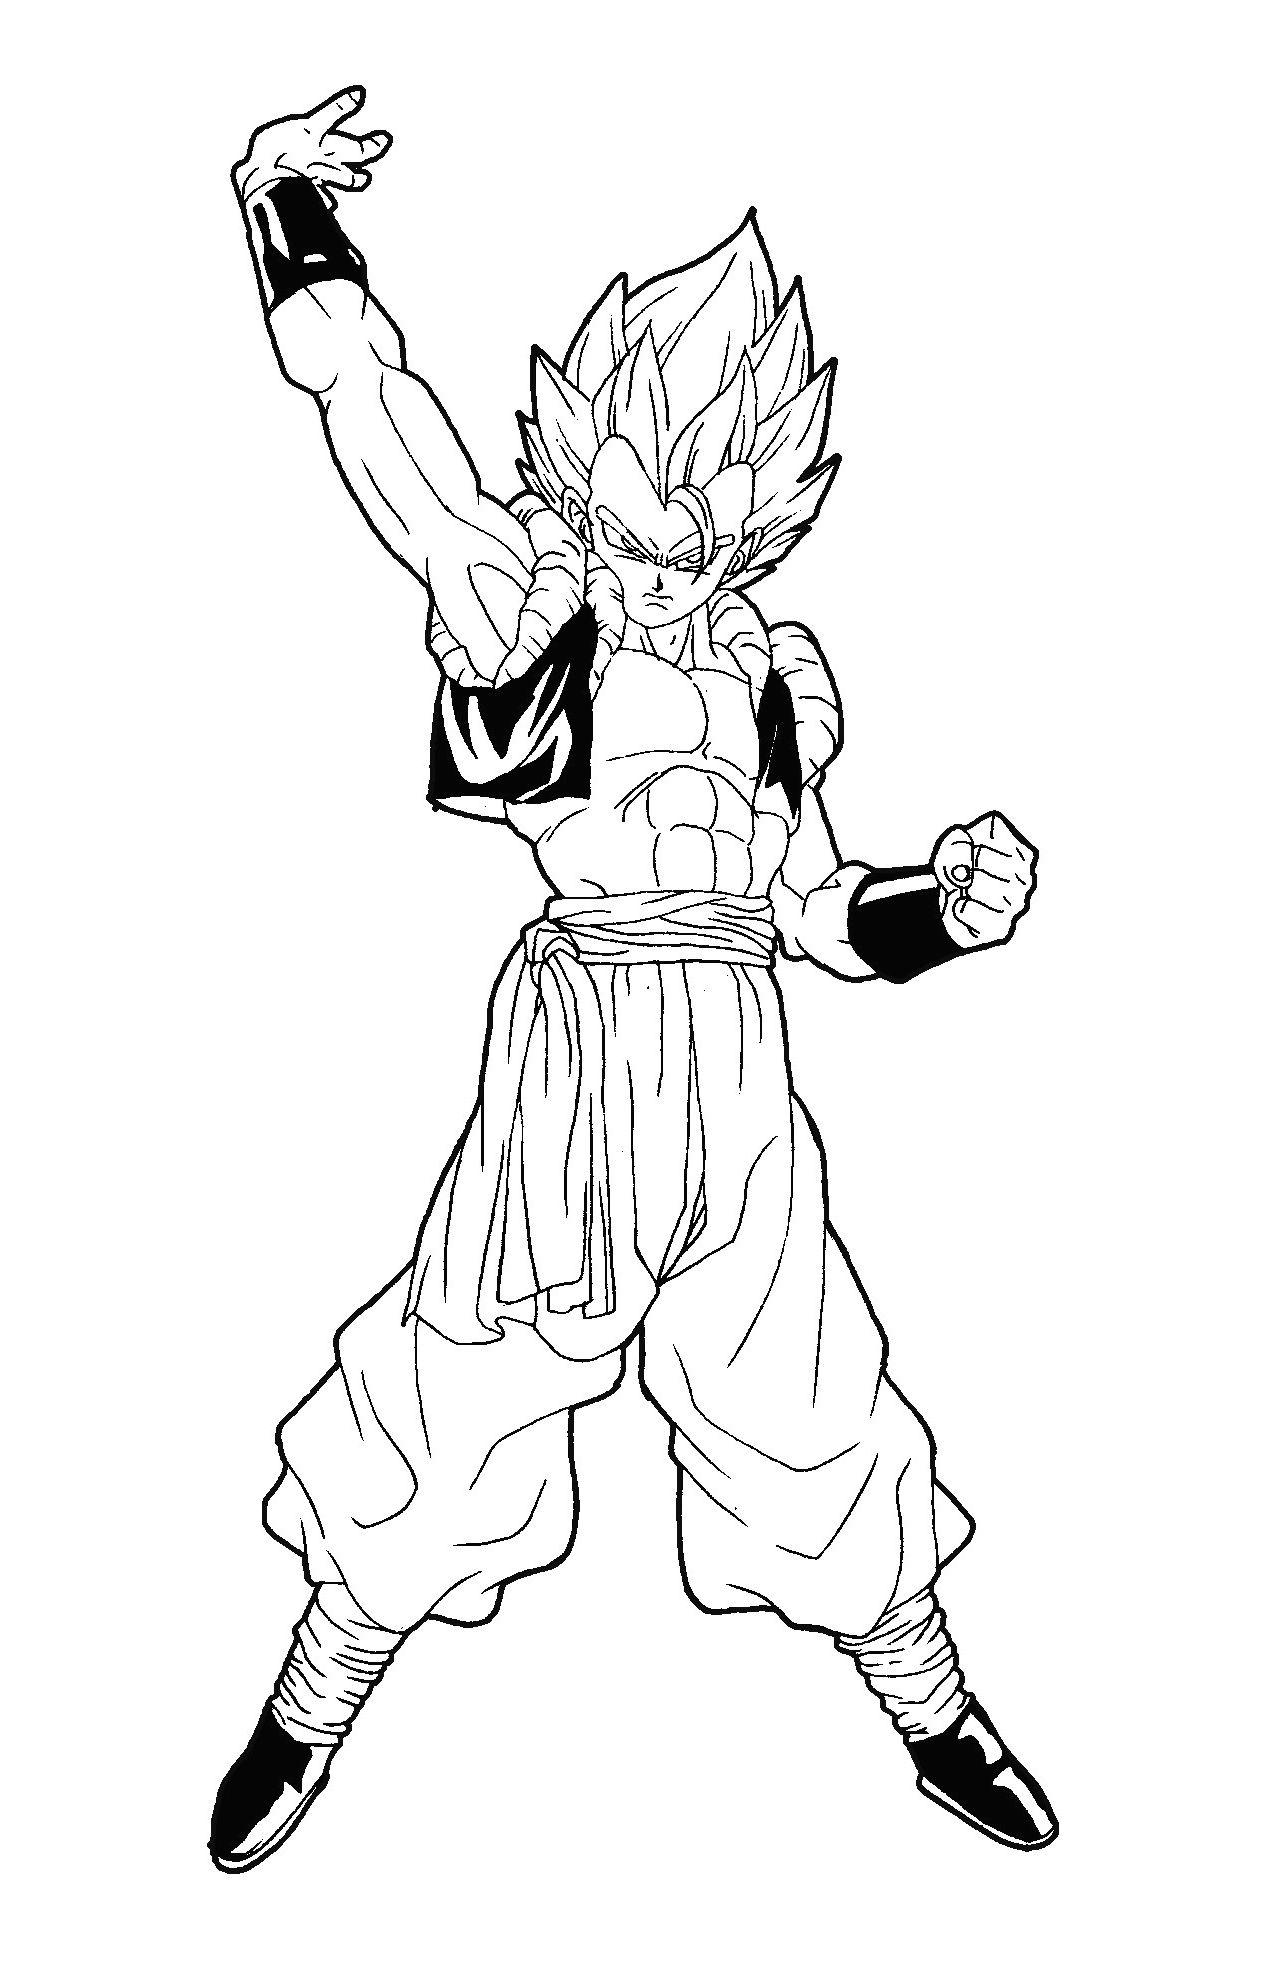 Dessin Facile Dragon Ball Z : dessin, facile, dragon, Meilleur, Gogeta, Coloriage, Photos, Dragon, Dragon,